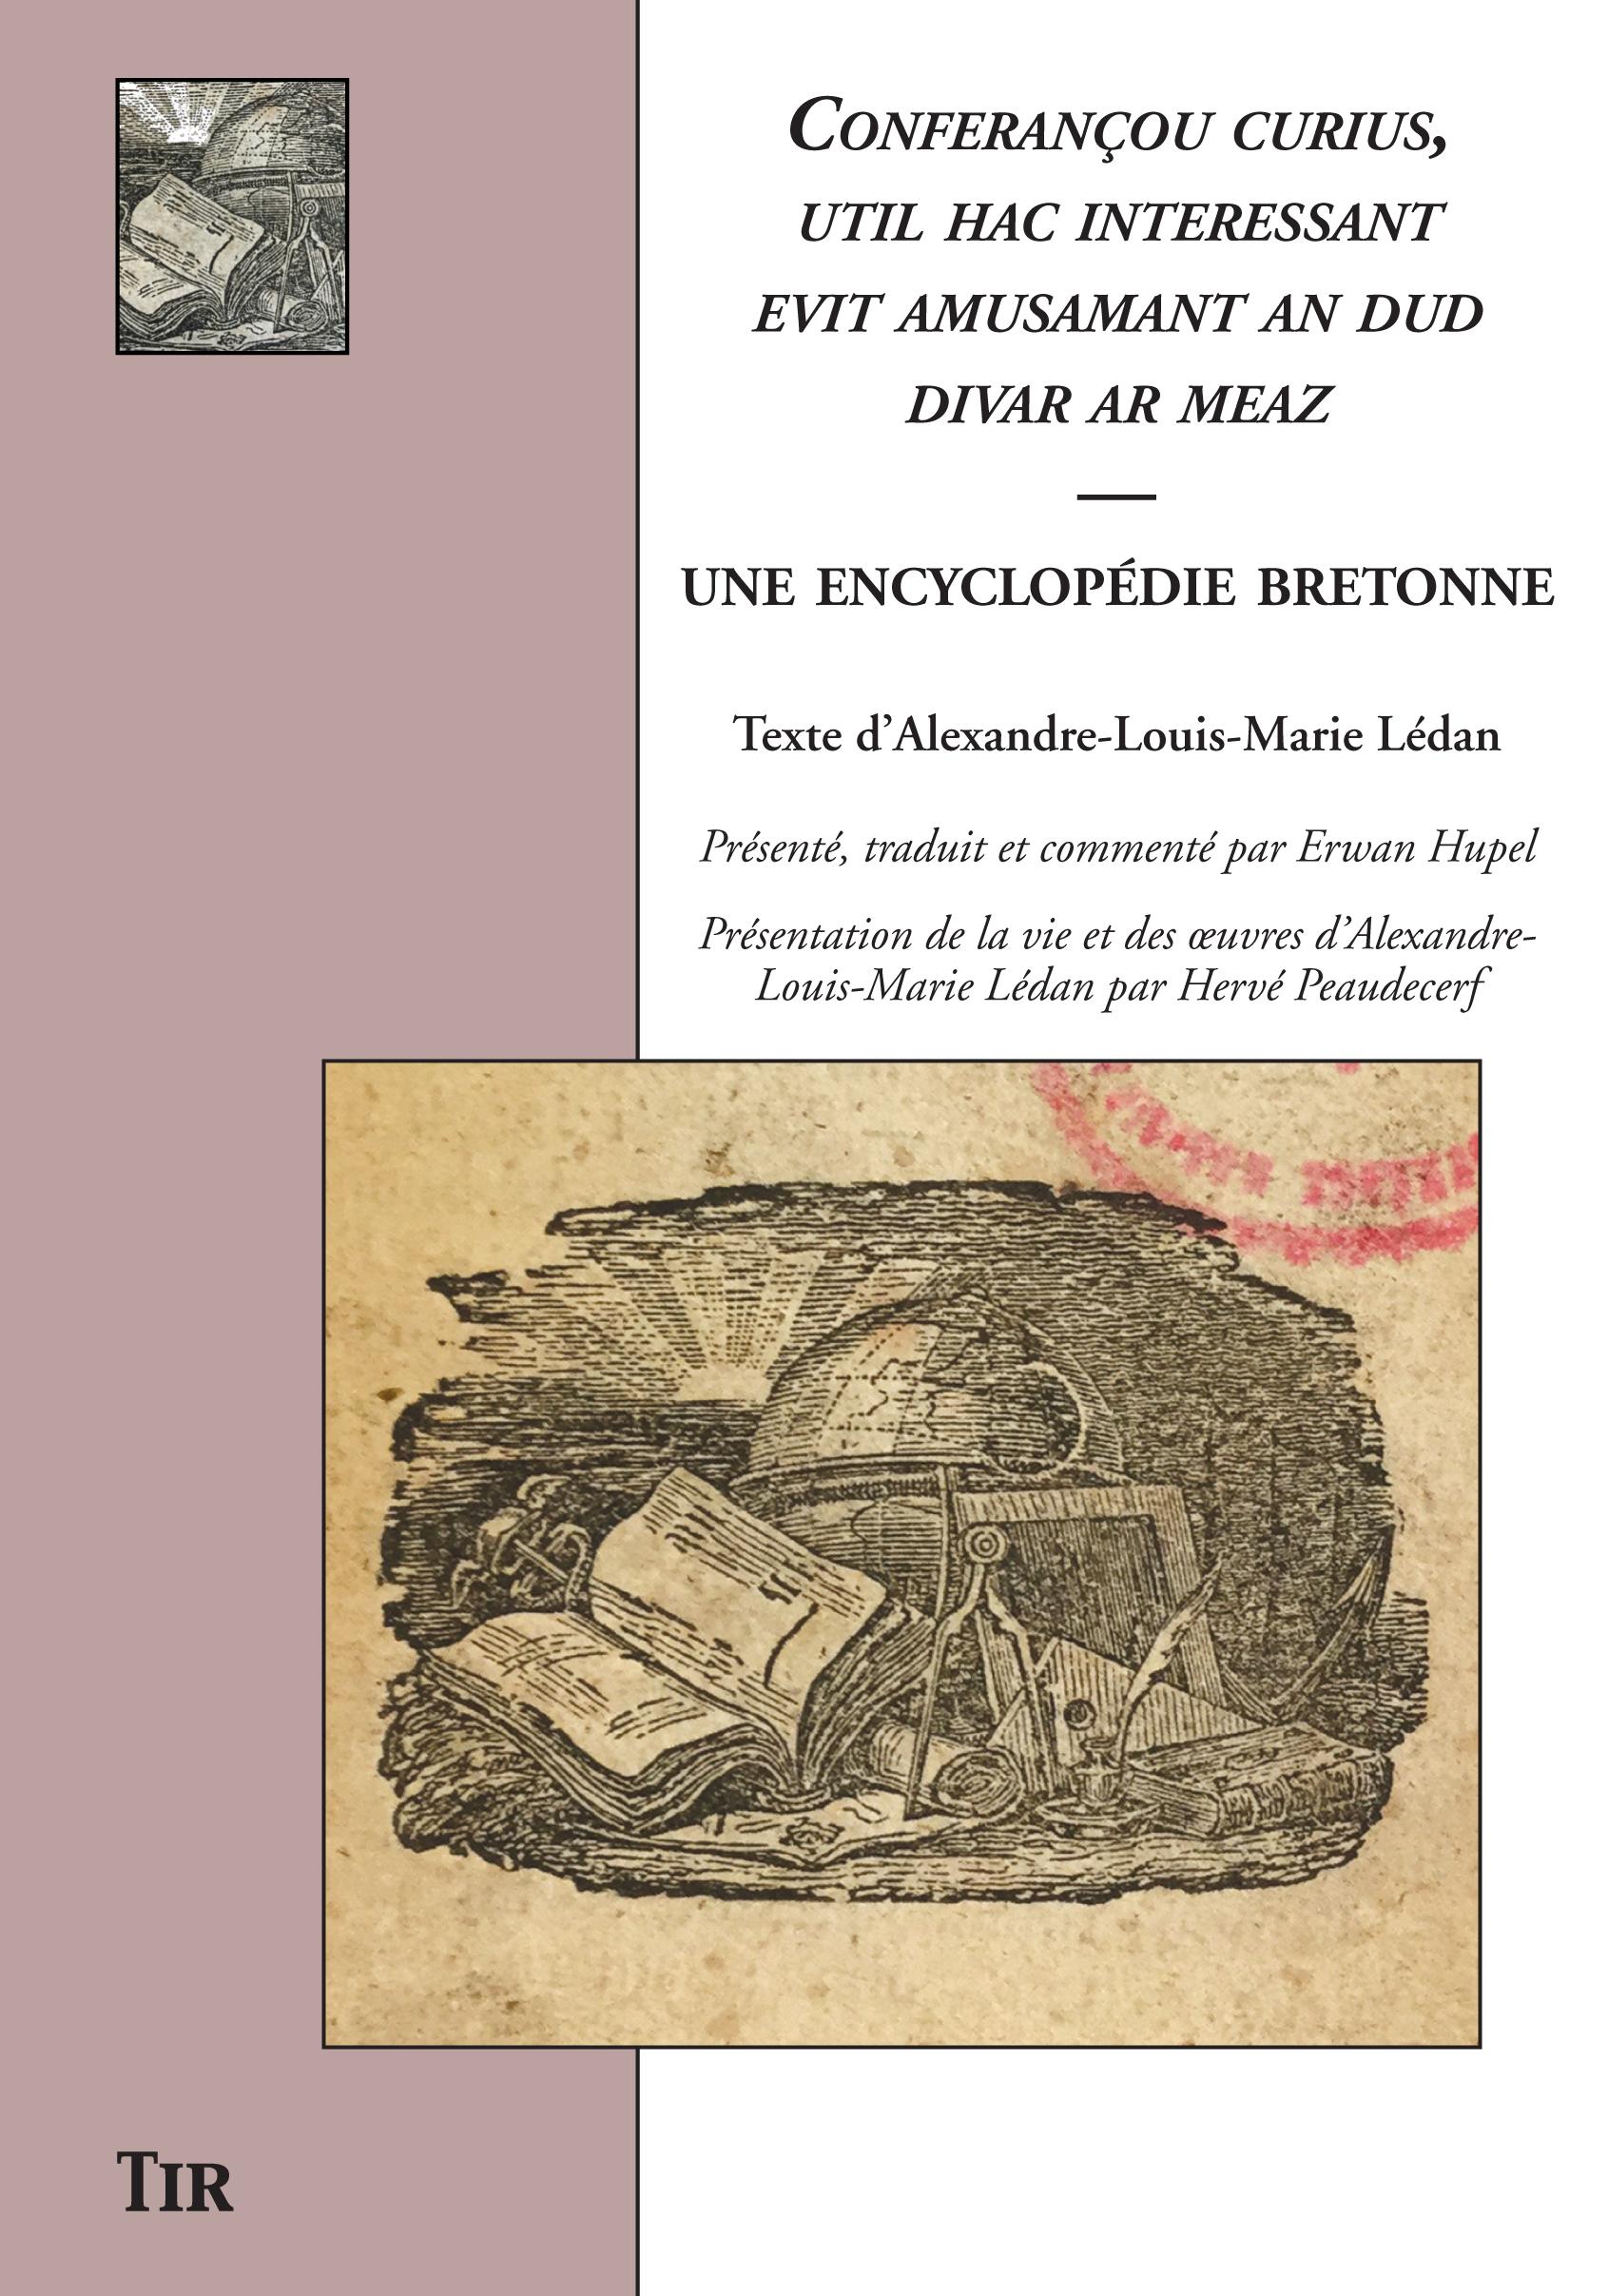 Conferançou curius, util hac interessant evit amusamant an dud divar ar meaz. Une encyclopédie bretonne, textes présentés par E. Hupel